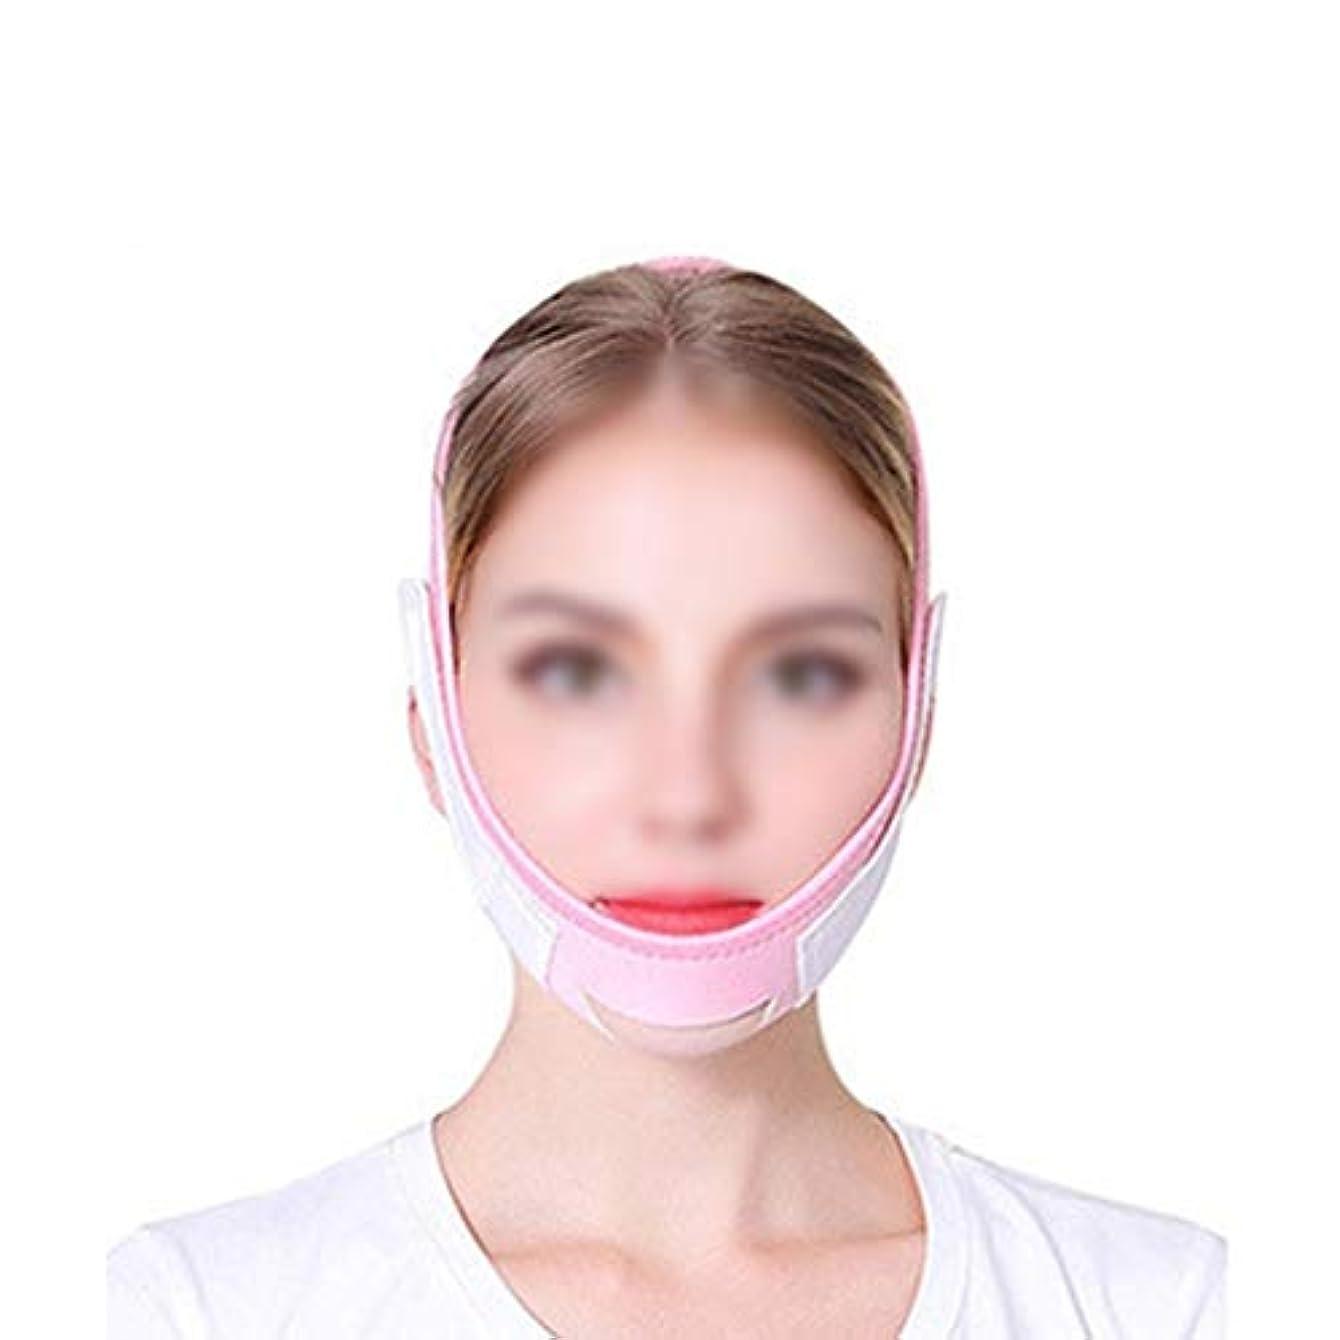 初期不安定なラウズXHLMRMJ しわ防止フェイシャル減量ベルト、フェイスリフティング包帯、フェイスリフティングマスク、リフティングフェイスバンド、スキンバンデージ(フリーサイズ) (Color : Powder white)